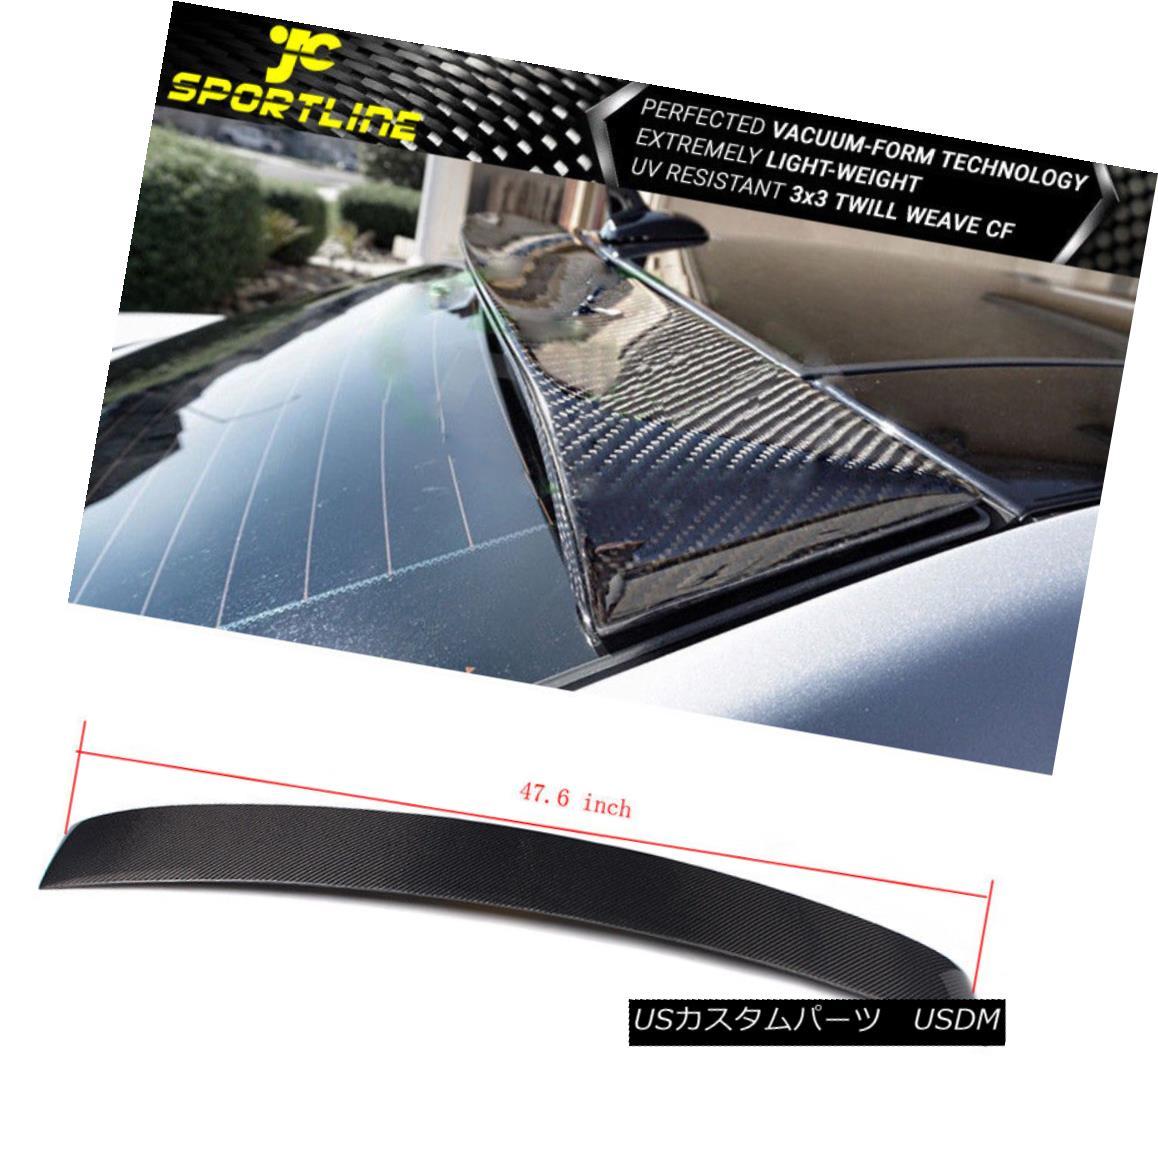 車用品 出群 バイク用品 >> パーツ 外装 エアロパーツ リアスポイラー Fits 10-16 Mercedes-Benz W212 E DR 4 DRリアルーフスポイラーカーボンファイバー Sedan Fiber 市場 フィット10-16メルセデスベンツW212 Roof Rear Spoiler Class Eクラスセダン4 Carbon